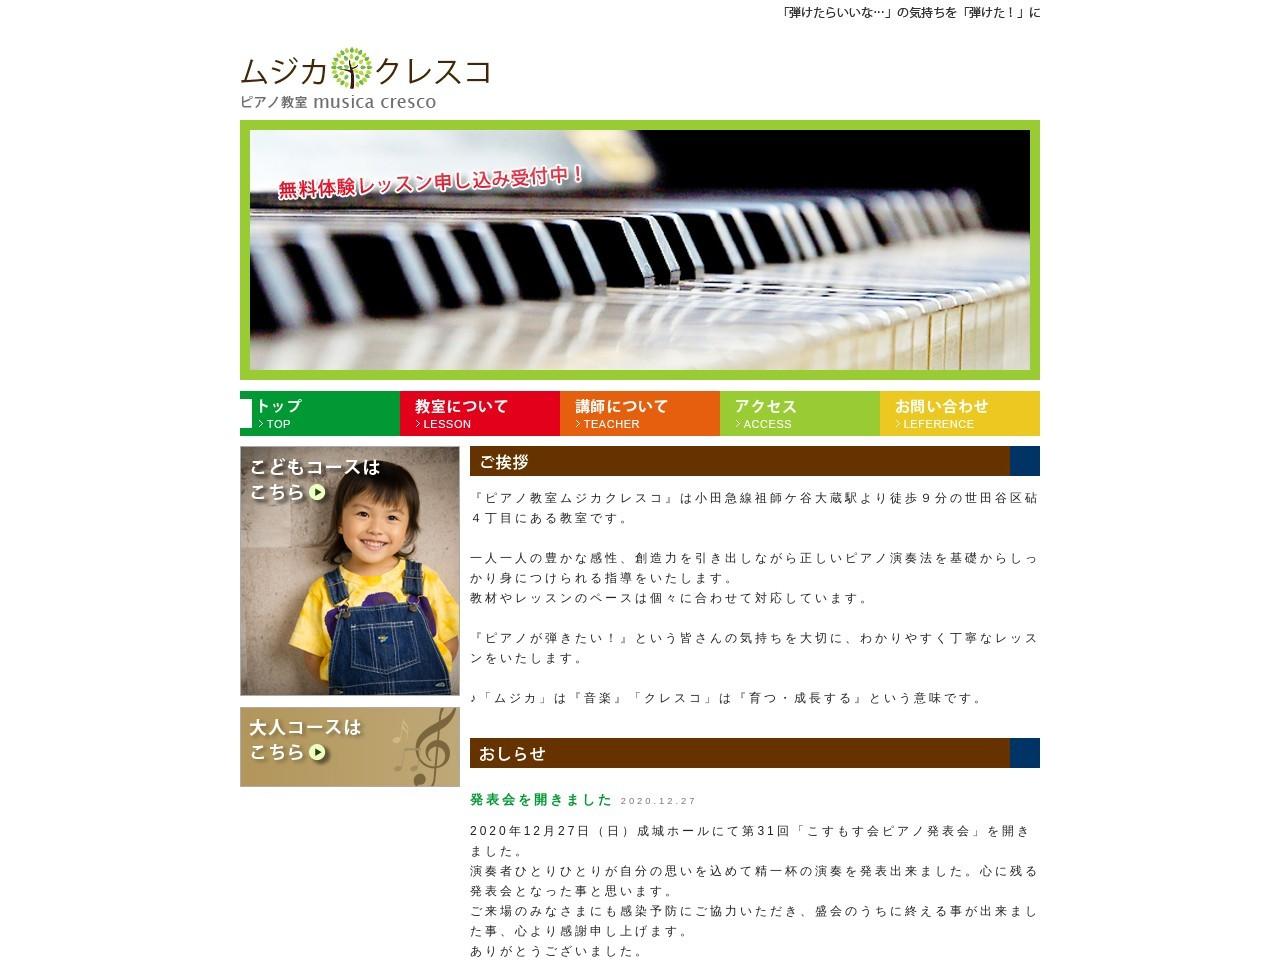 ピアノ教室ムジカクレスコのサムネイル